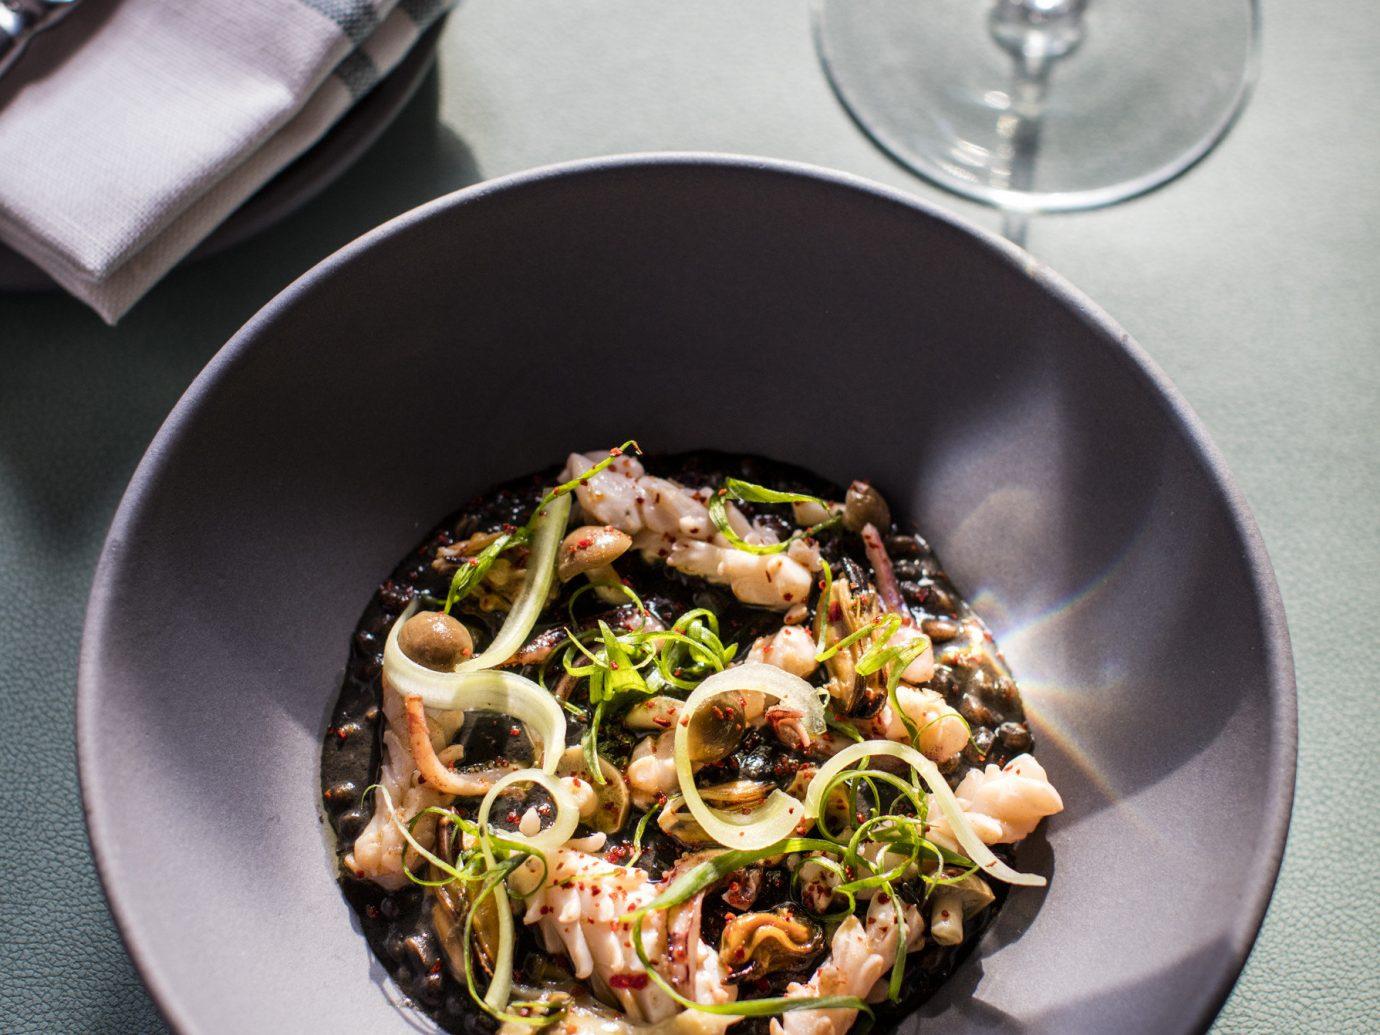 NYC Trip Ideas plate table food dish cuisine vegetarian food italian food european food vegetable recipe spaghetti leaf vegetable meal meat saute